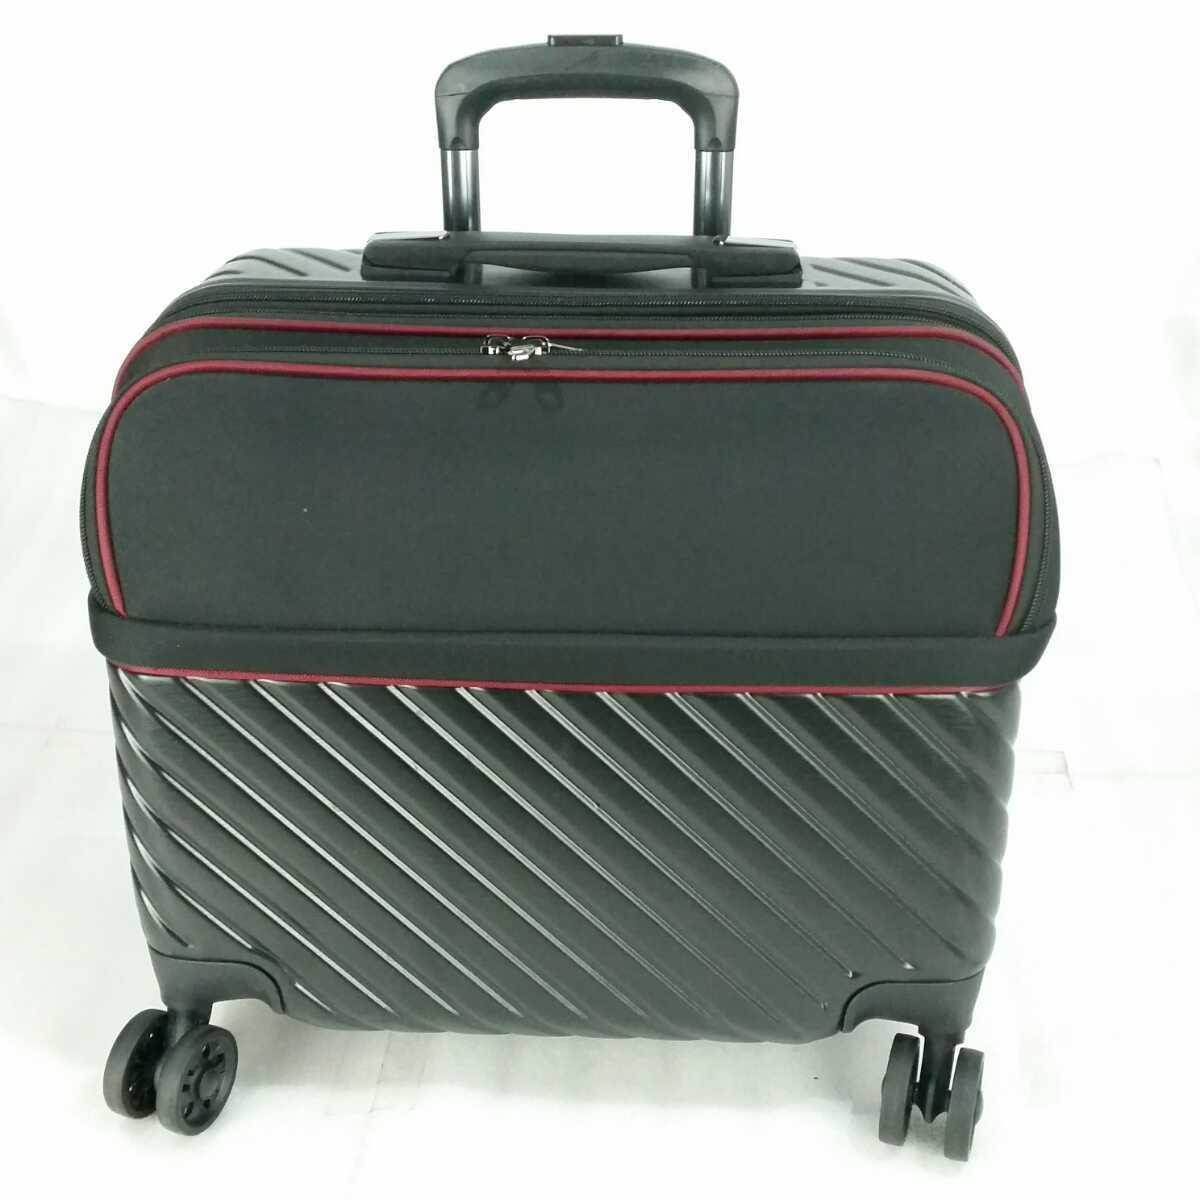 ス111 Sサイズ 横型 フロントオープン スーツケース キャリーケース 機内持ち込み 拡張機能 ブラック_画像1